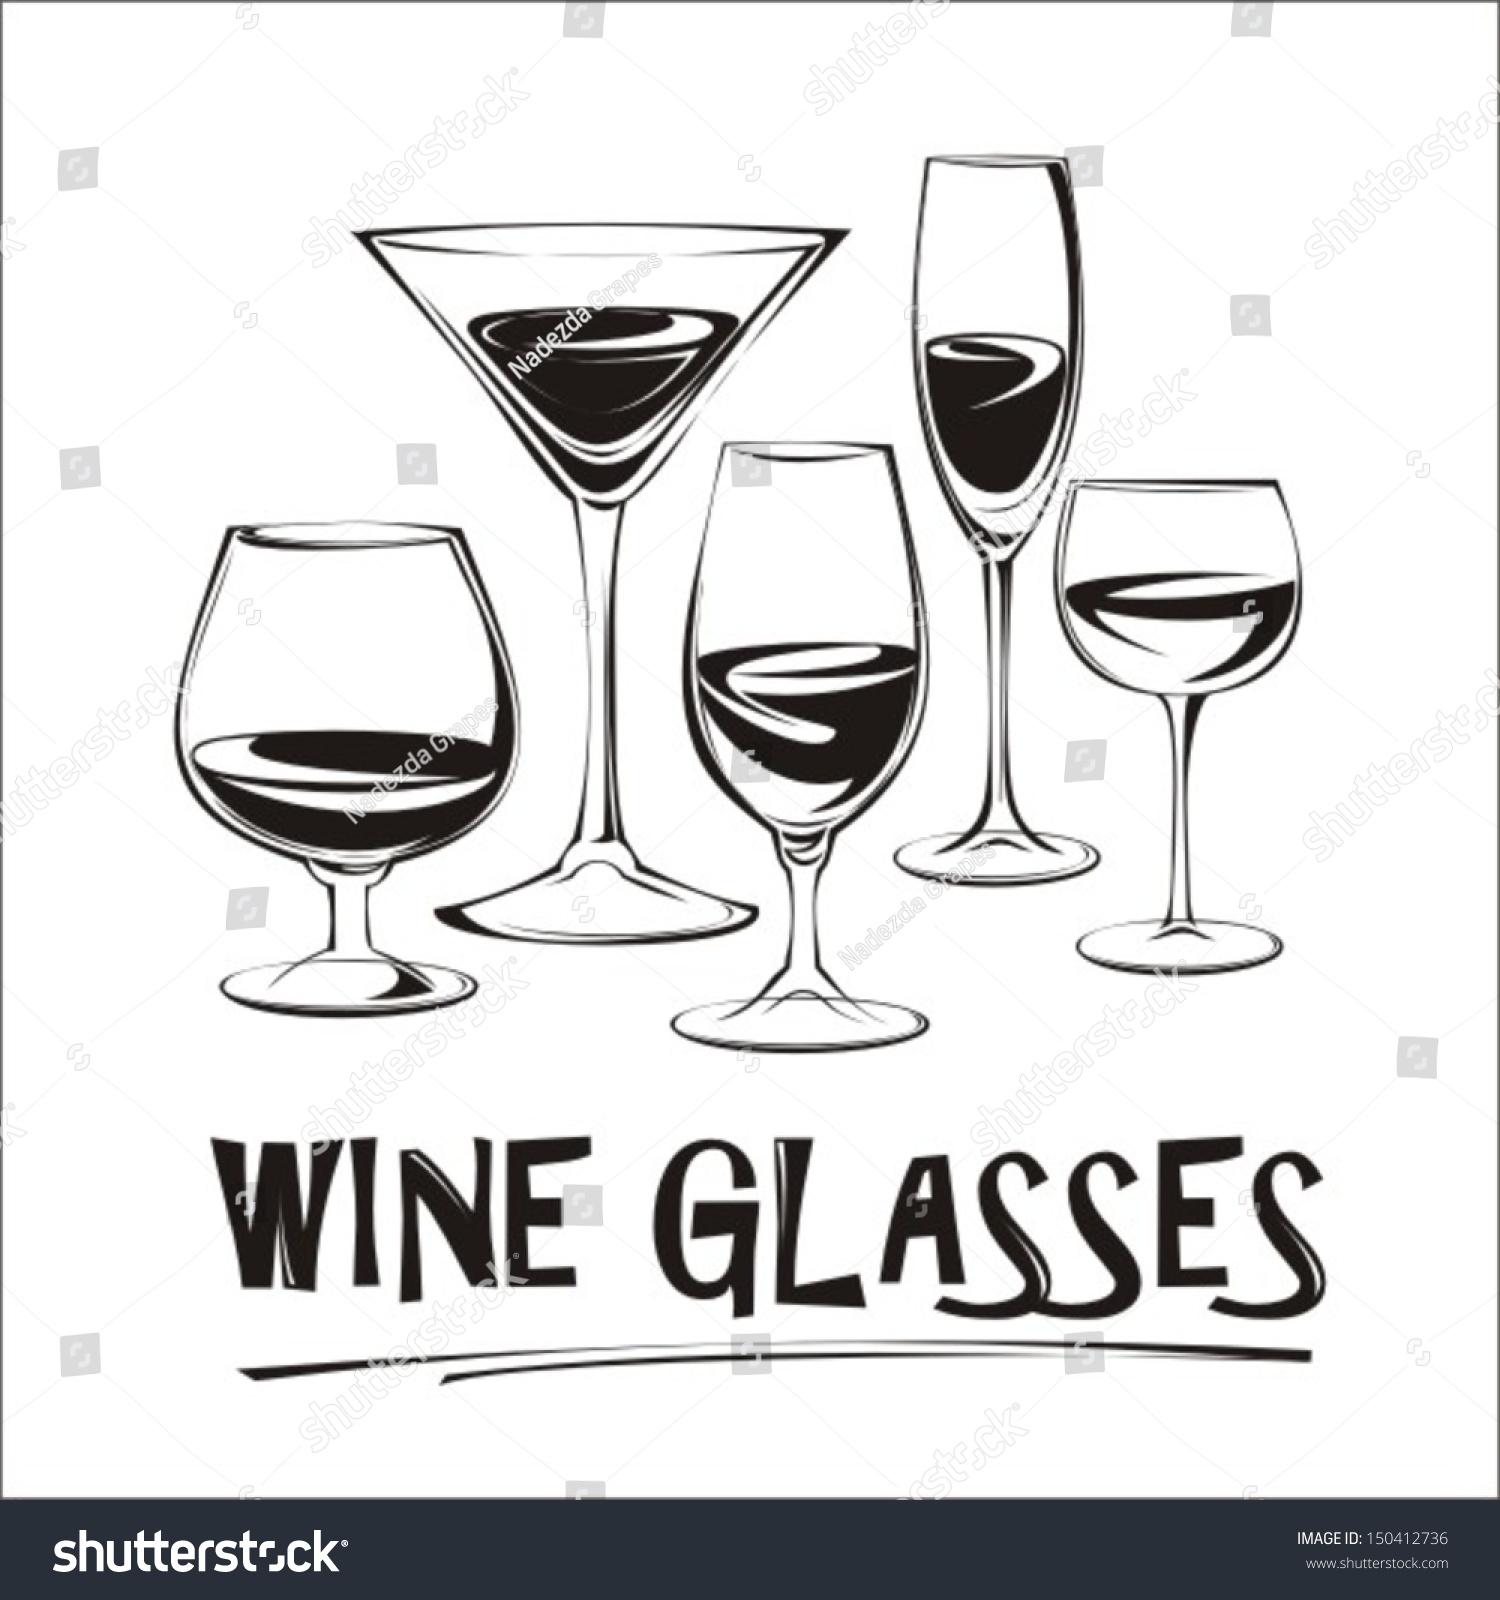 酒杯简笔画矢量图